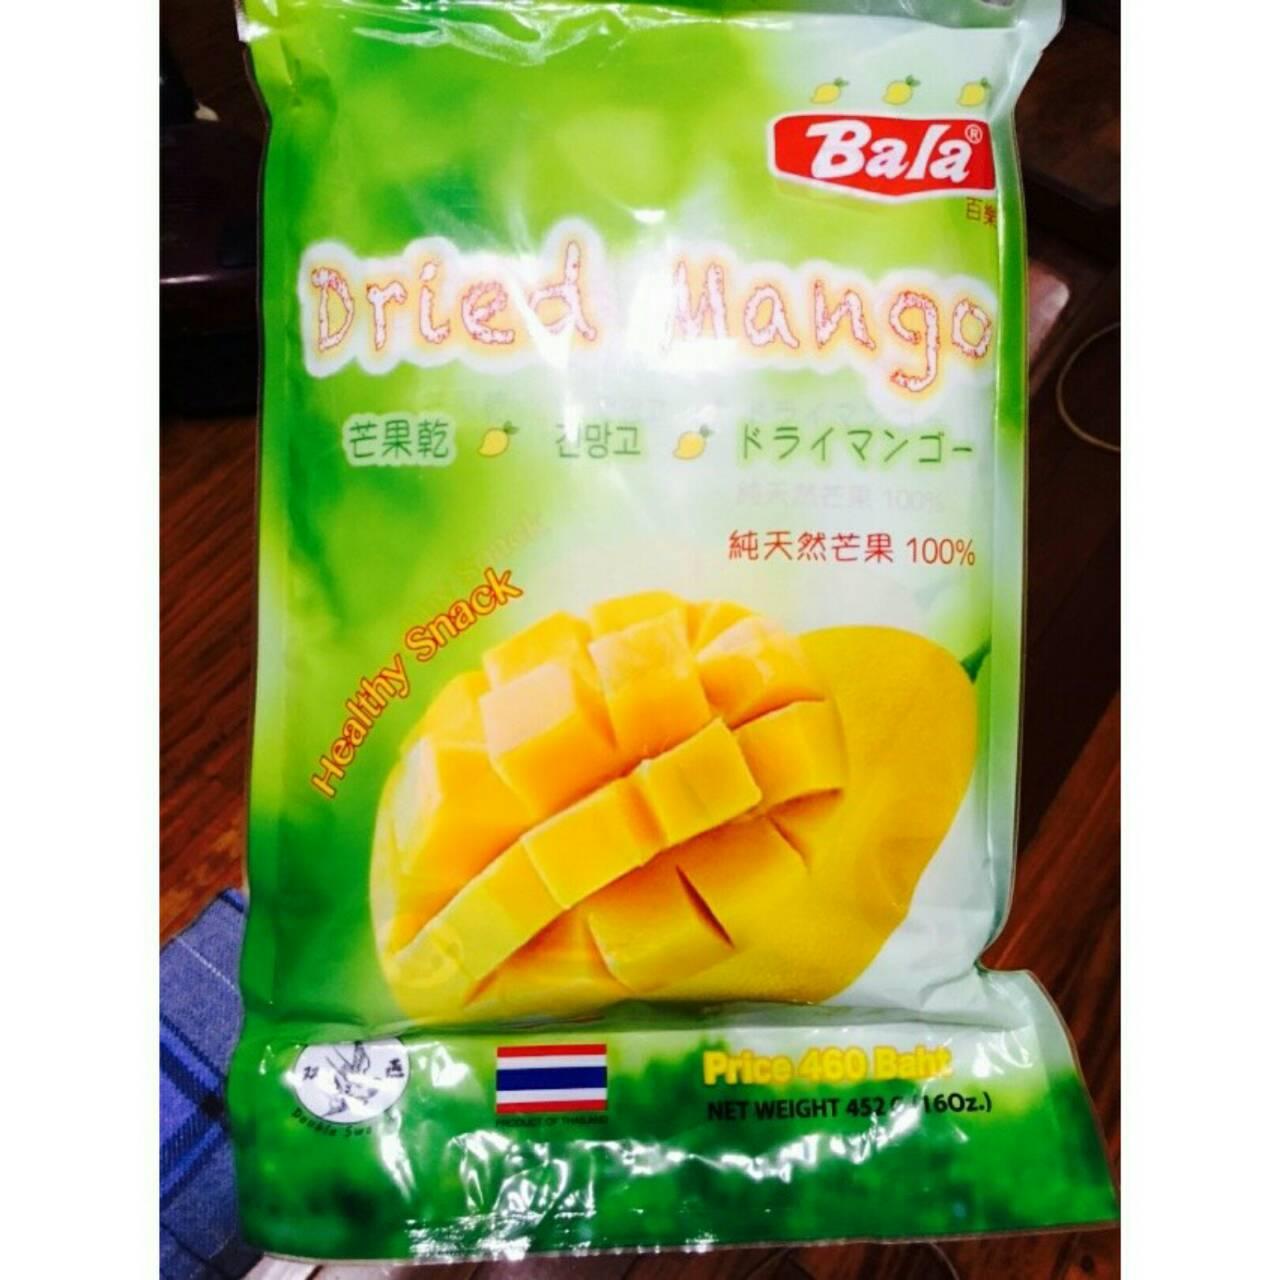 現貨❤ Bala芒果乾  停不下嘴的口感 不甜不膩 452g 內有226x2包裝 野芒果香氣 獨特風味口感